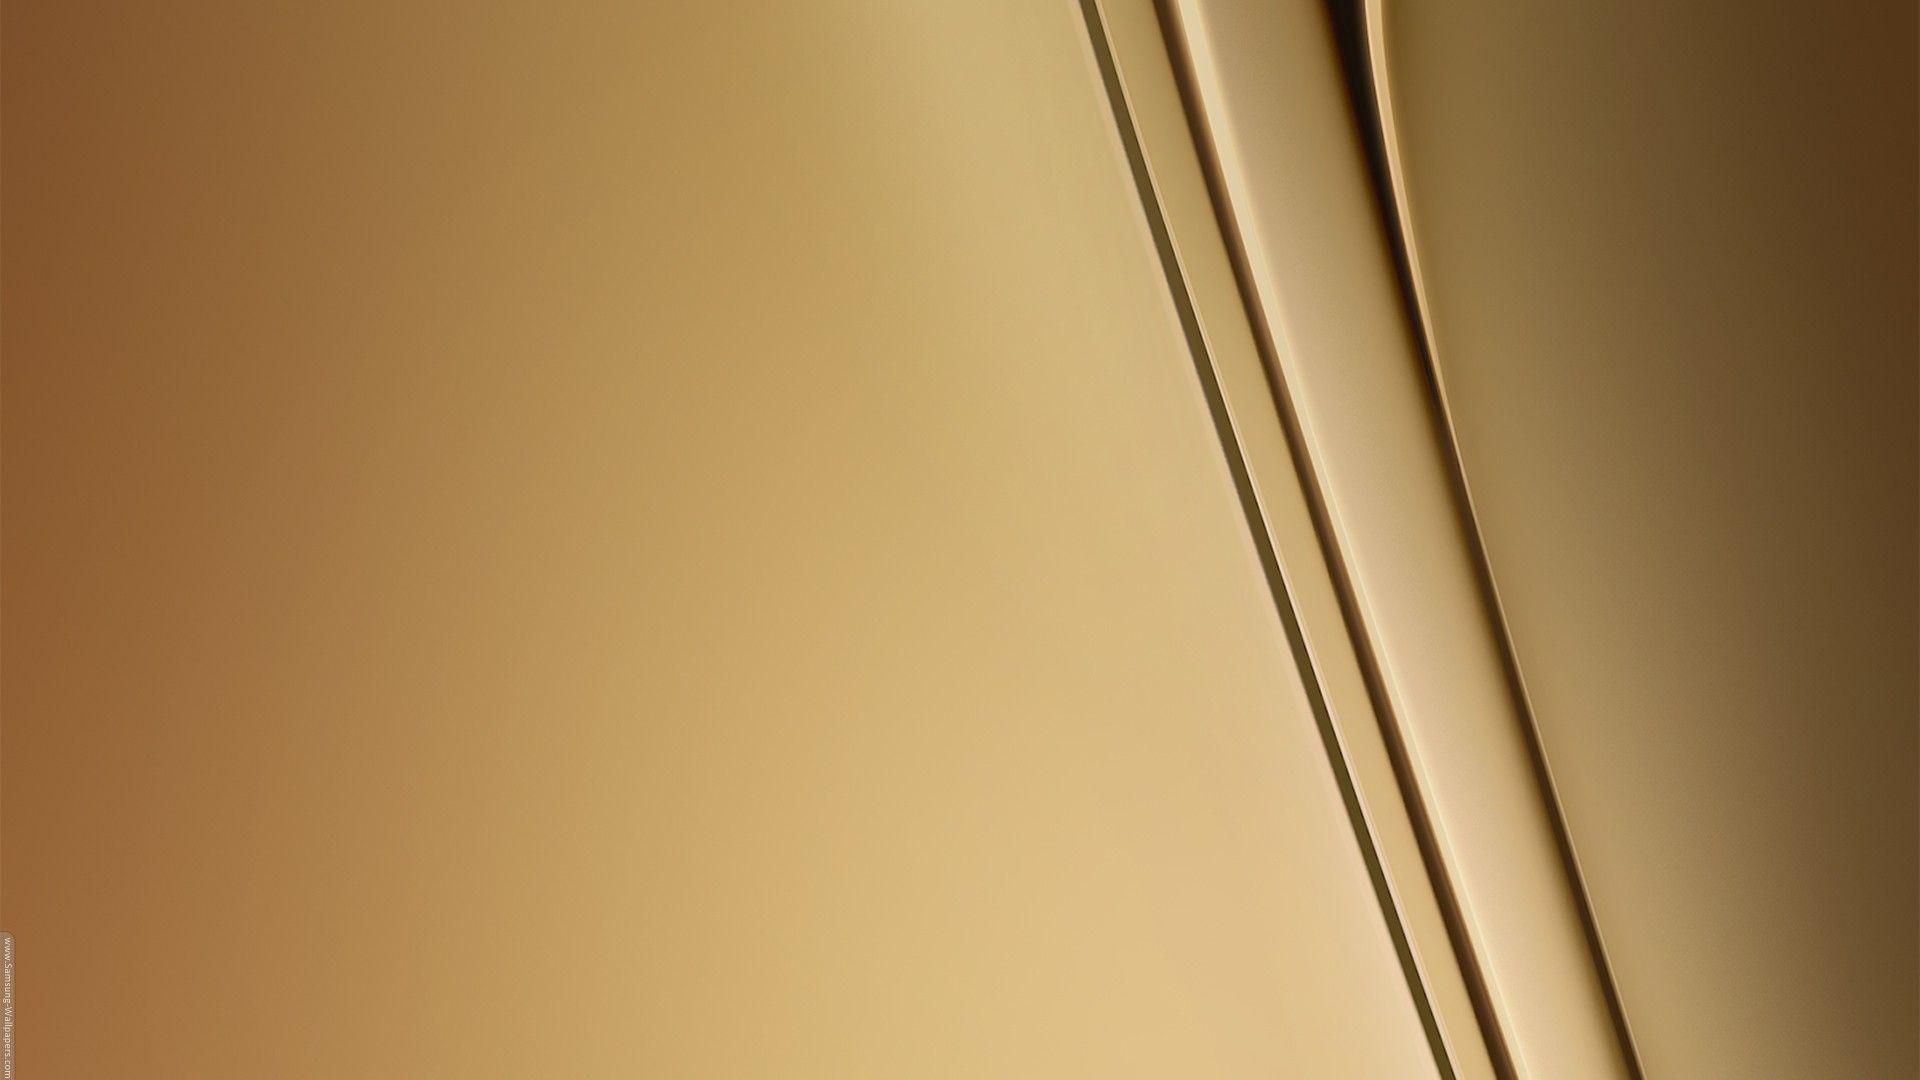 Iphone 4 Cute Wallpaper Metallic Gold Wallpaper Best Hd Wallpapers